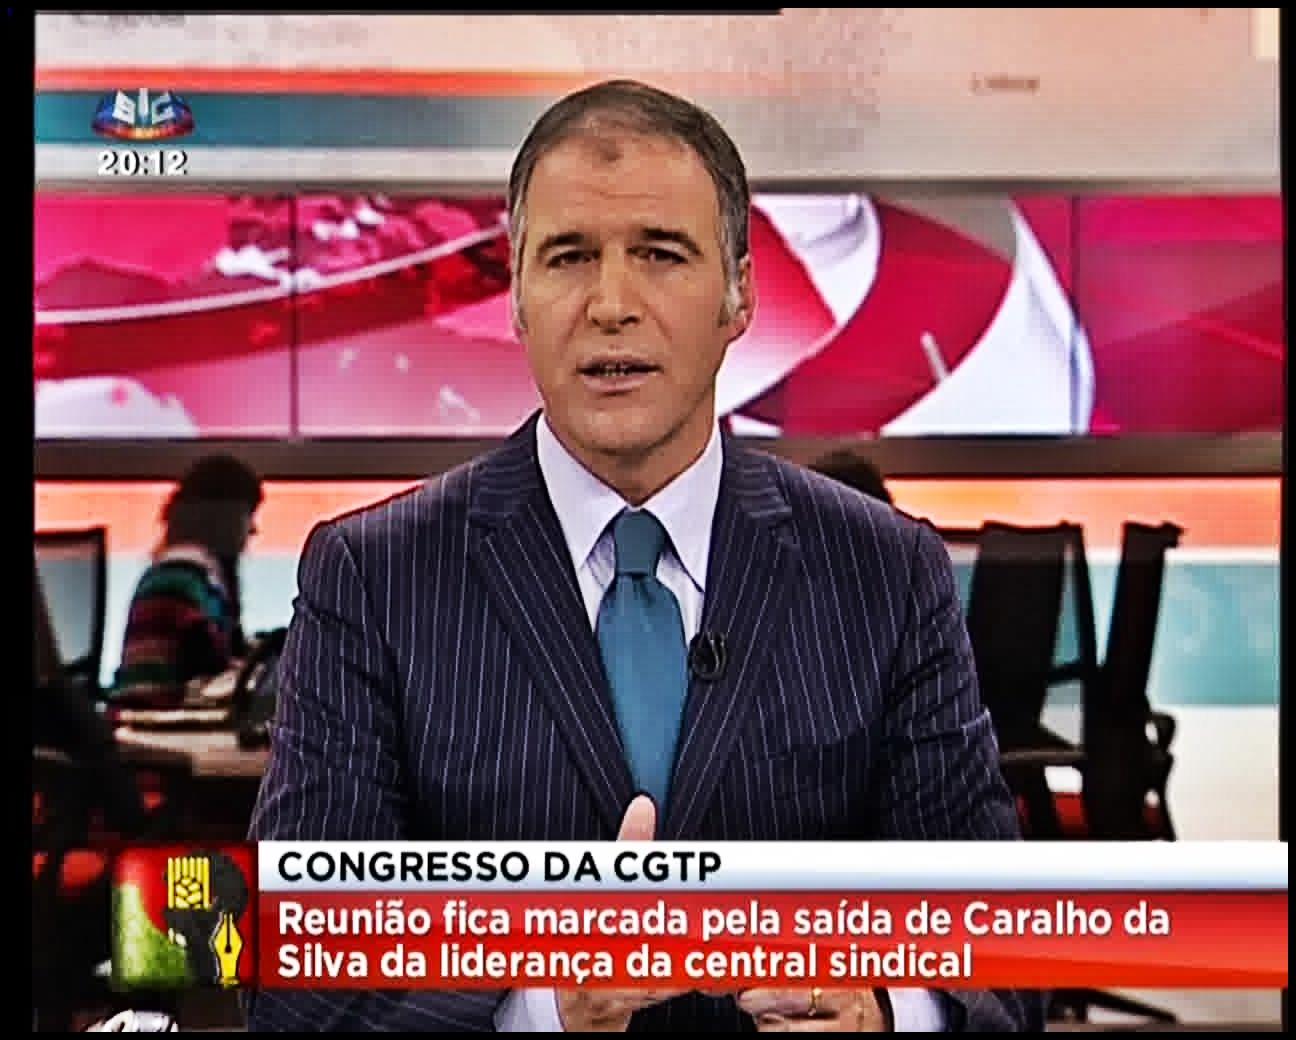 SAFEPLACE52 : SIC Noticias... Com o novo acordo ortográfico Carvalho ...